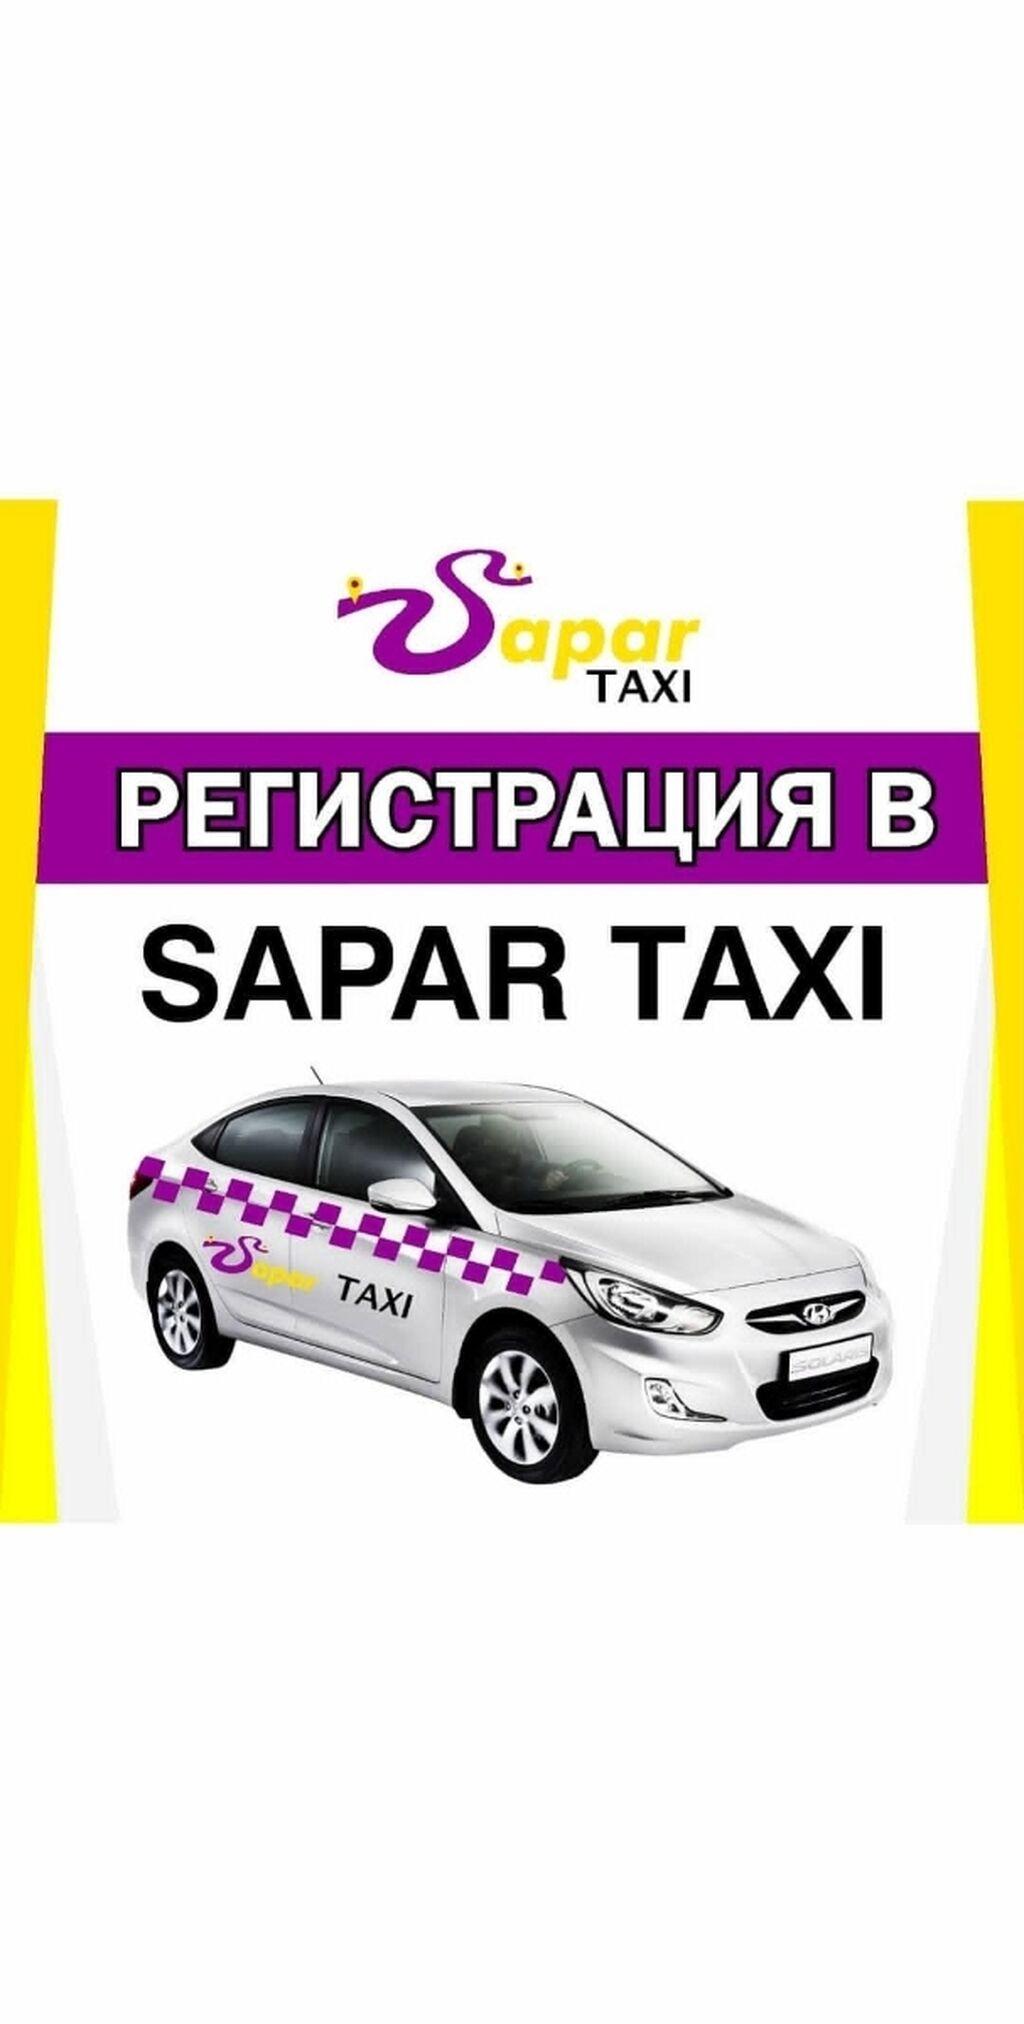 Водитель такси. С личным транспортом. (C): Водитель такси. С личным транспортом. (C)